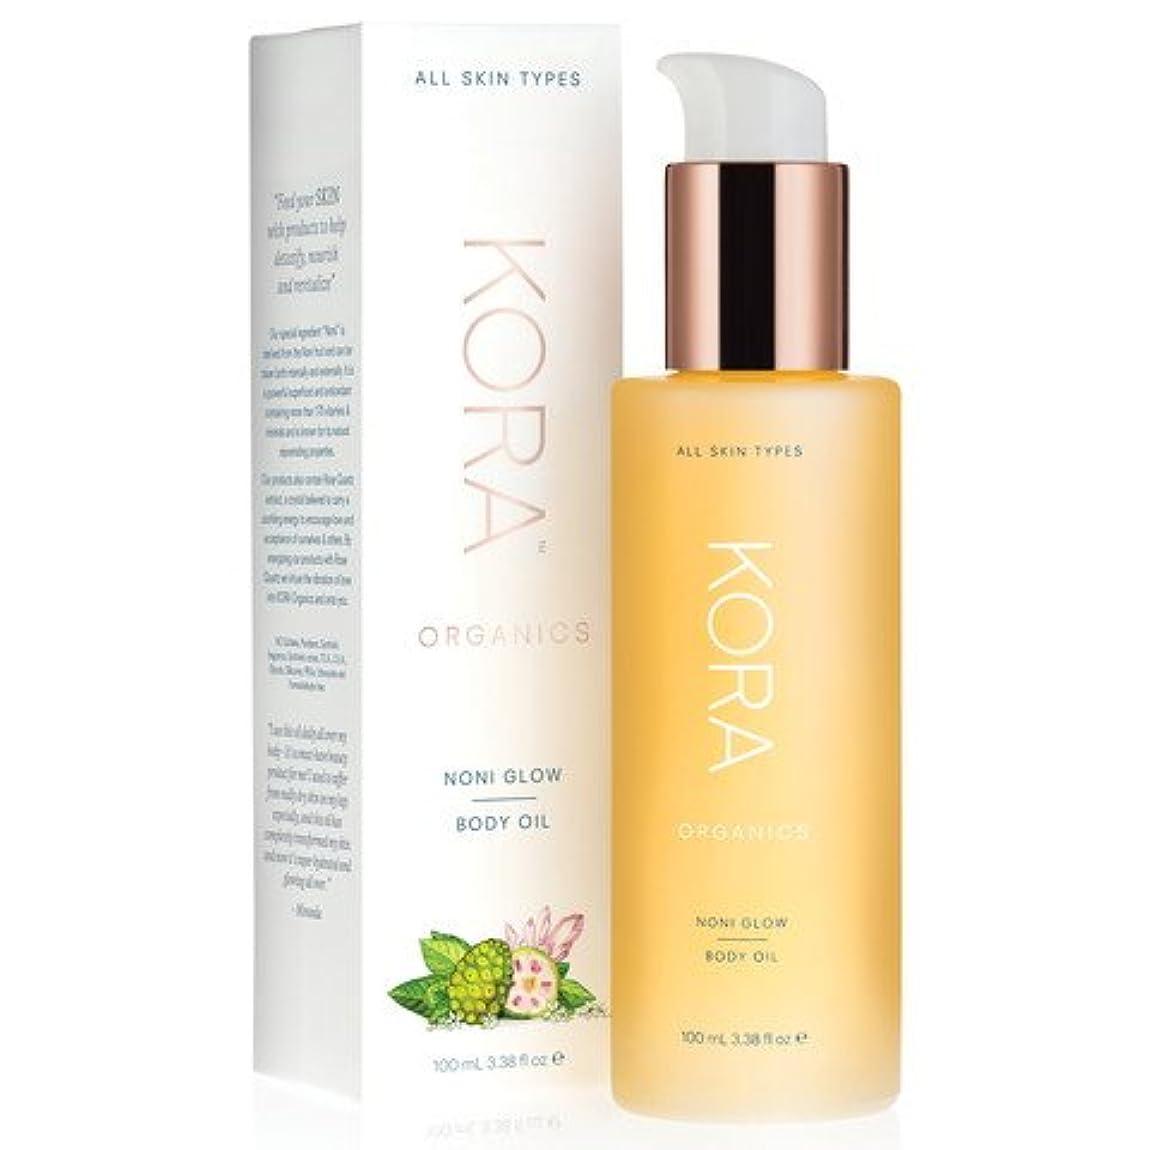 基準白鳥キャリッジ[Kora Organics]ノニ グロー Bodyオイル(全身用?ボディオイル )[Noni Glow Body Oil][海外直送品]